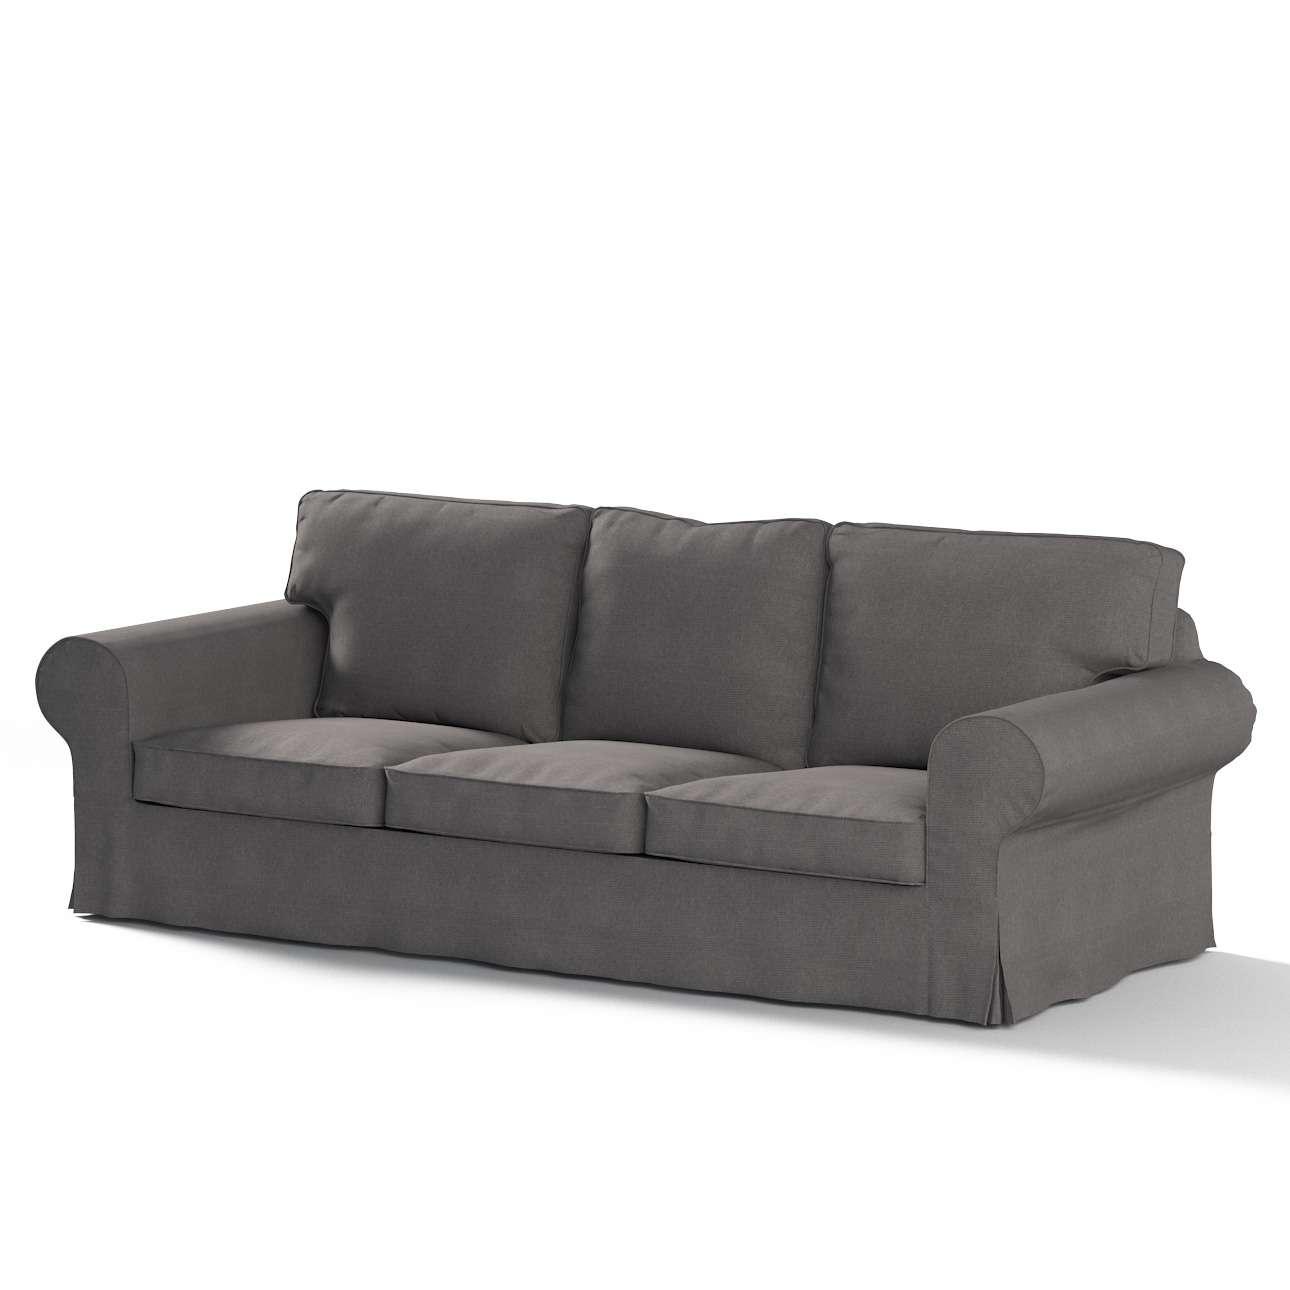 Potah na pohovku IKEA  Ektorp 3-místná, rozkládací STARÝ MODEL pohovka Ektorp 3-místná rozkládací v kolekci Etna, látka: 705-35